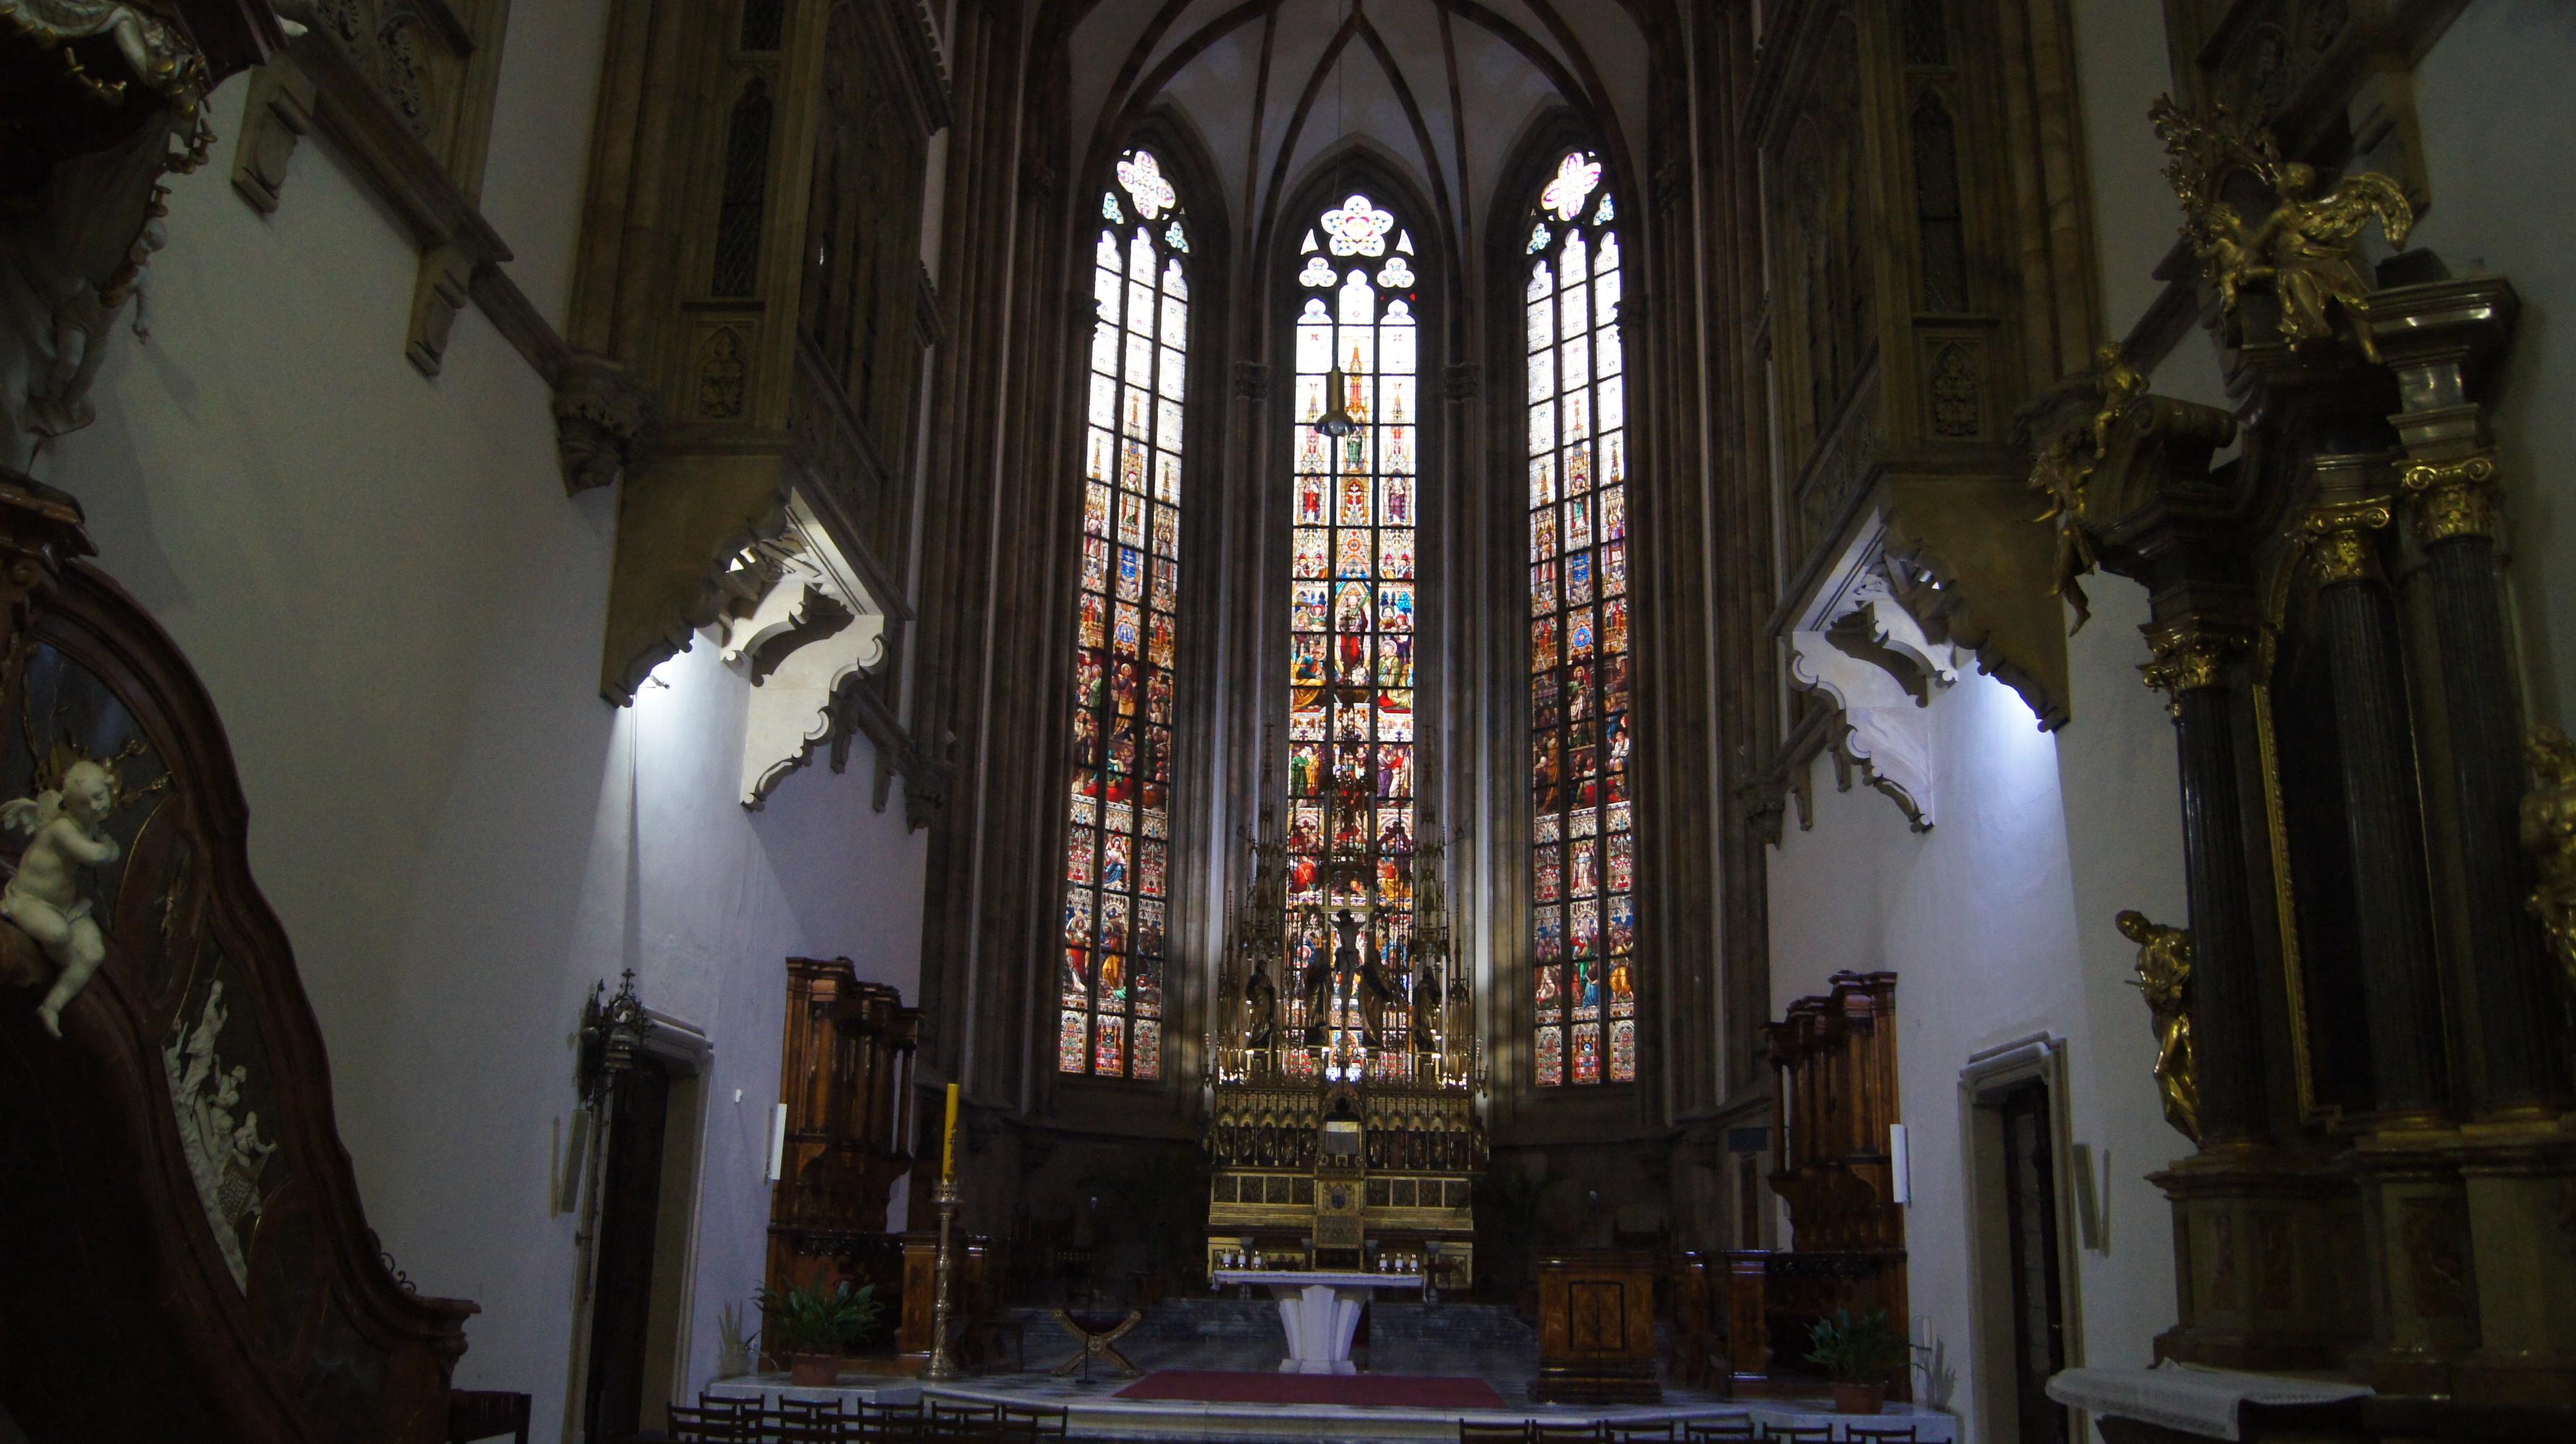 Das Fenster der Peter und Paul Kathedrale in Brno